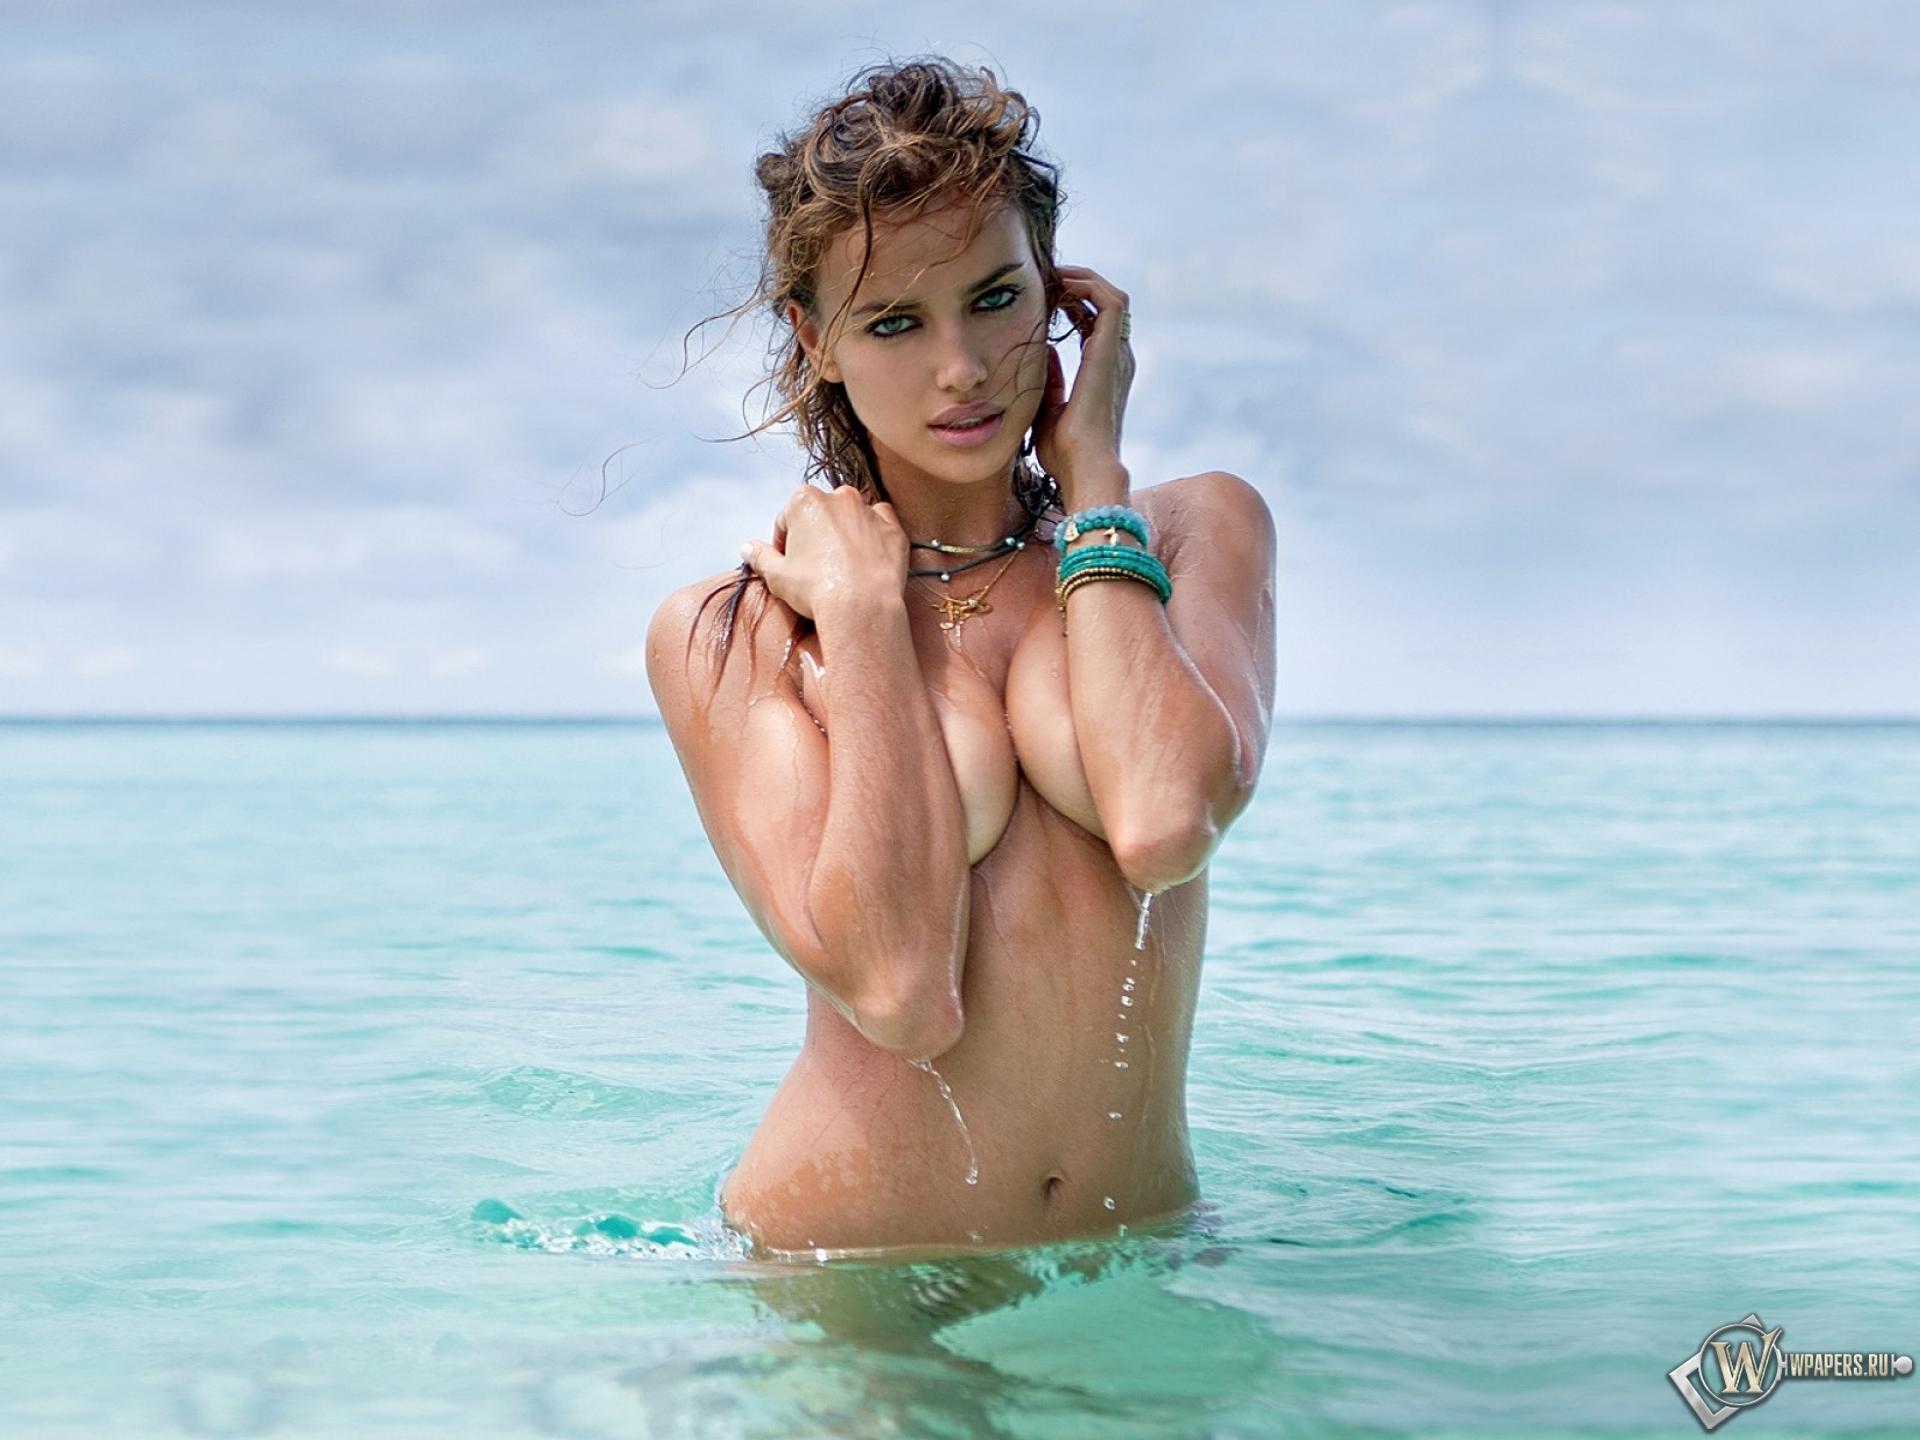 Фото девочки купаются голые 11 фотография